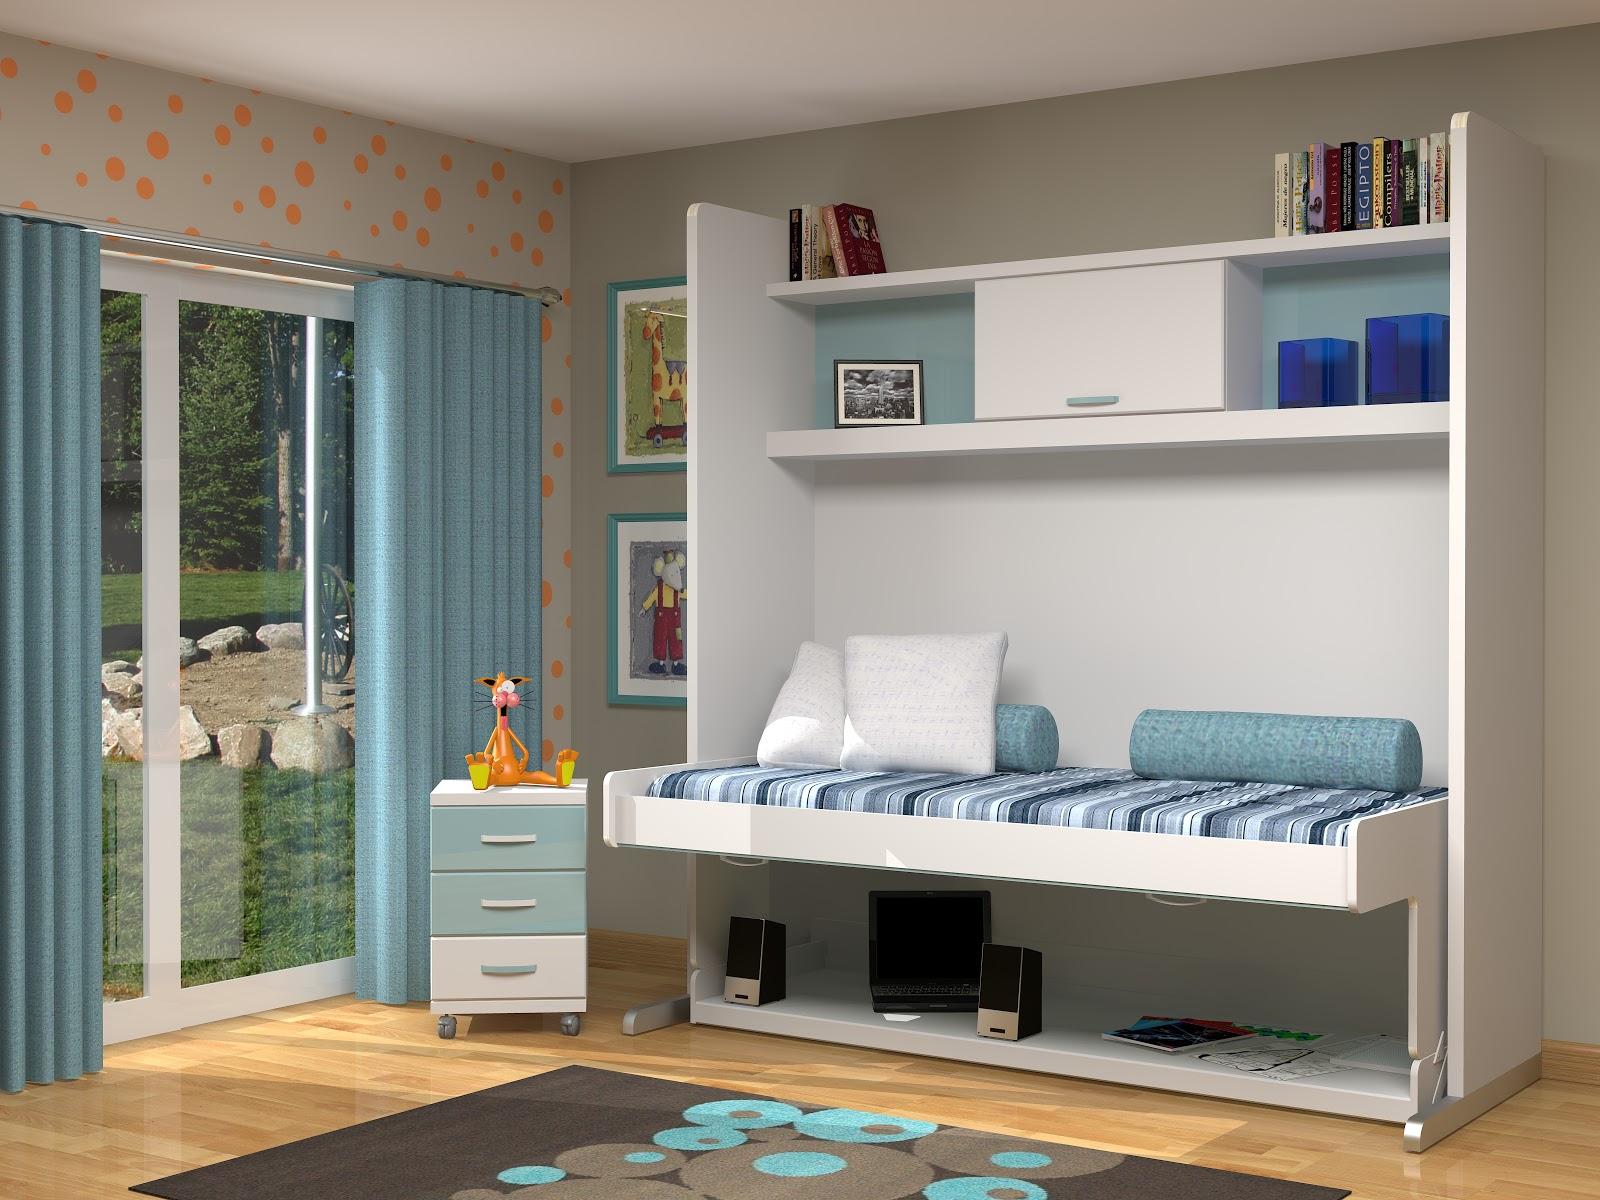 Muebles juveniles dormitorios infantiles y habitaciones for Cama compacta con escritorio